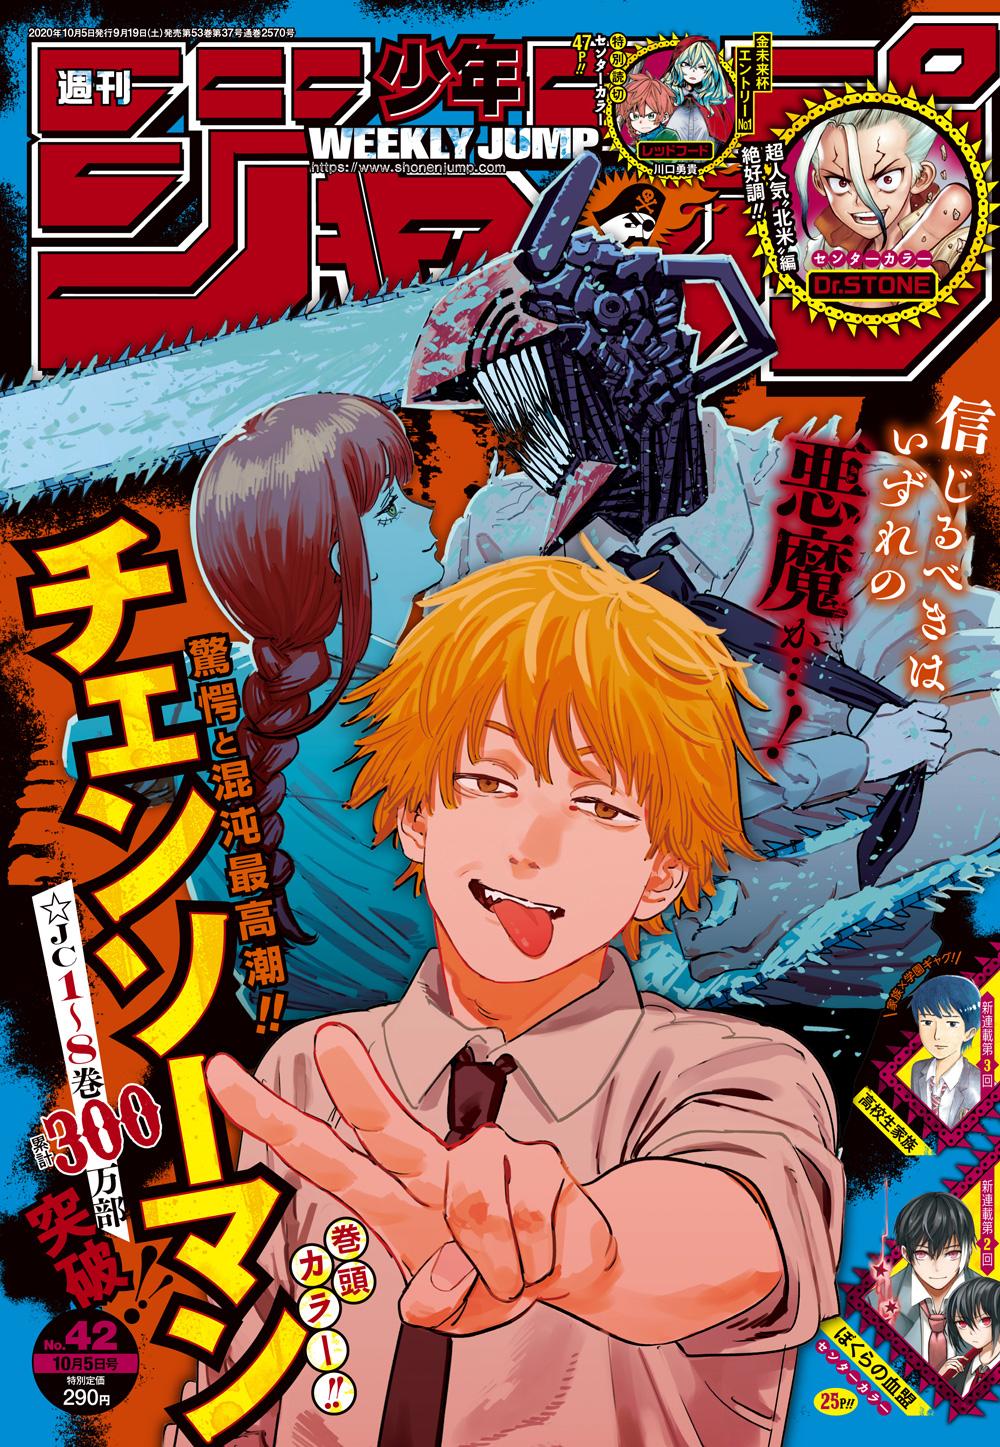 週刊少年ジャンプ 2020年42号 [Weekly Shonen Jump 2020 No.42+RAR]